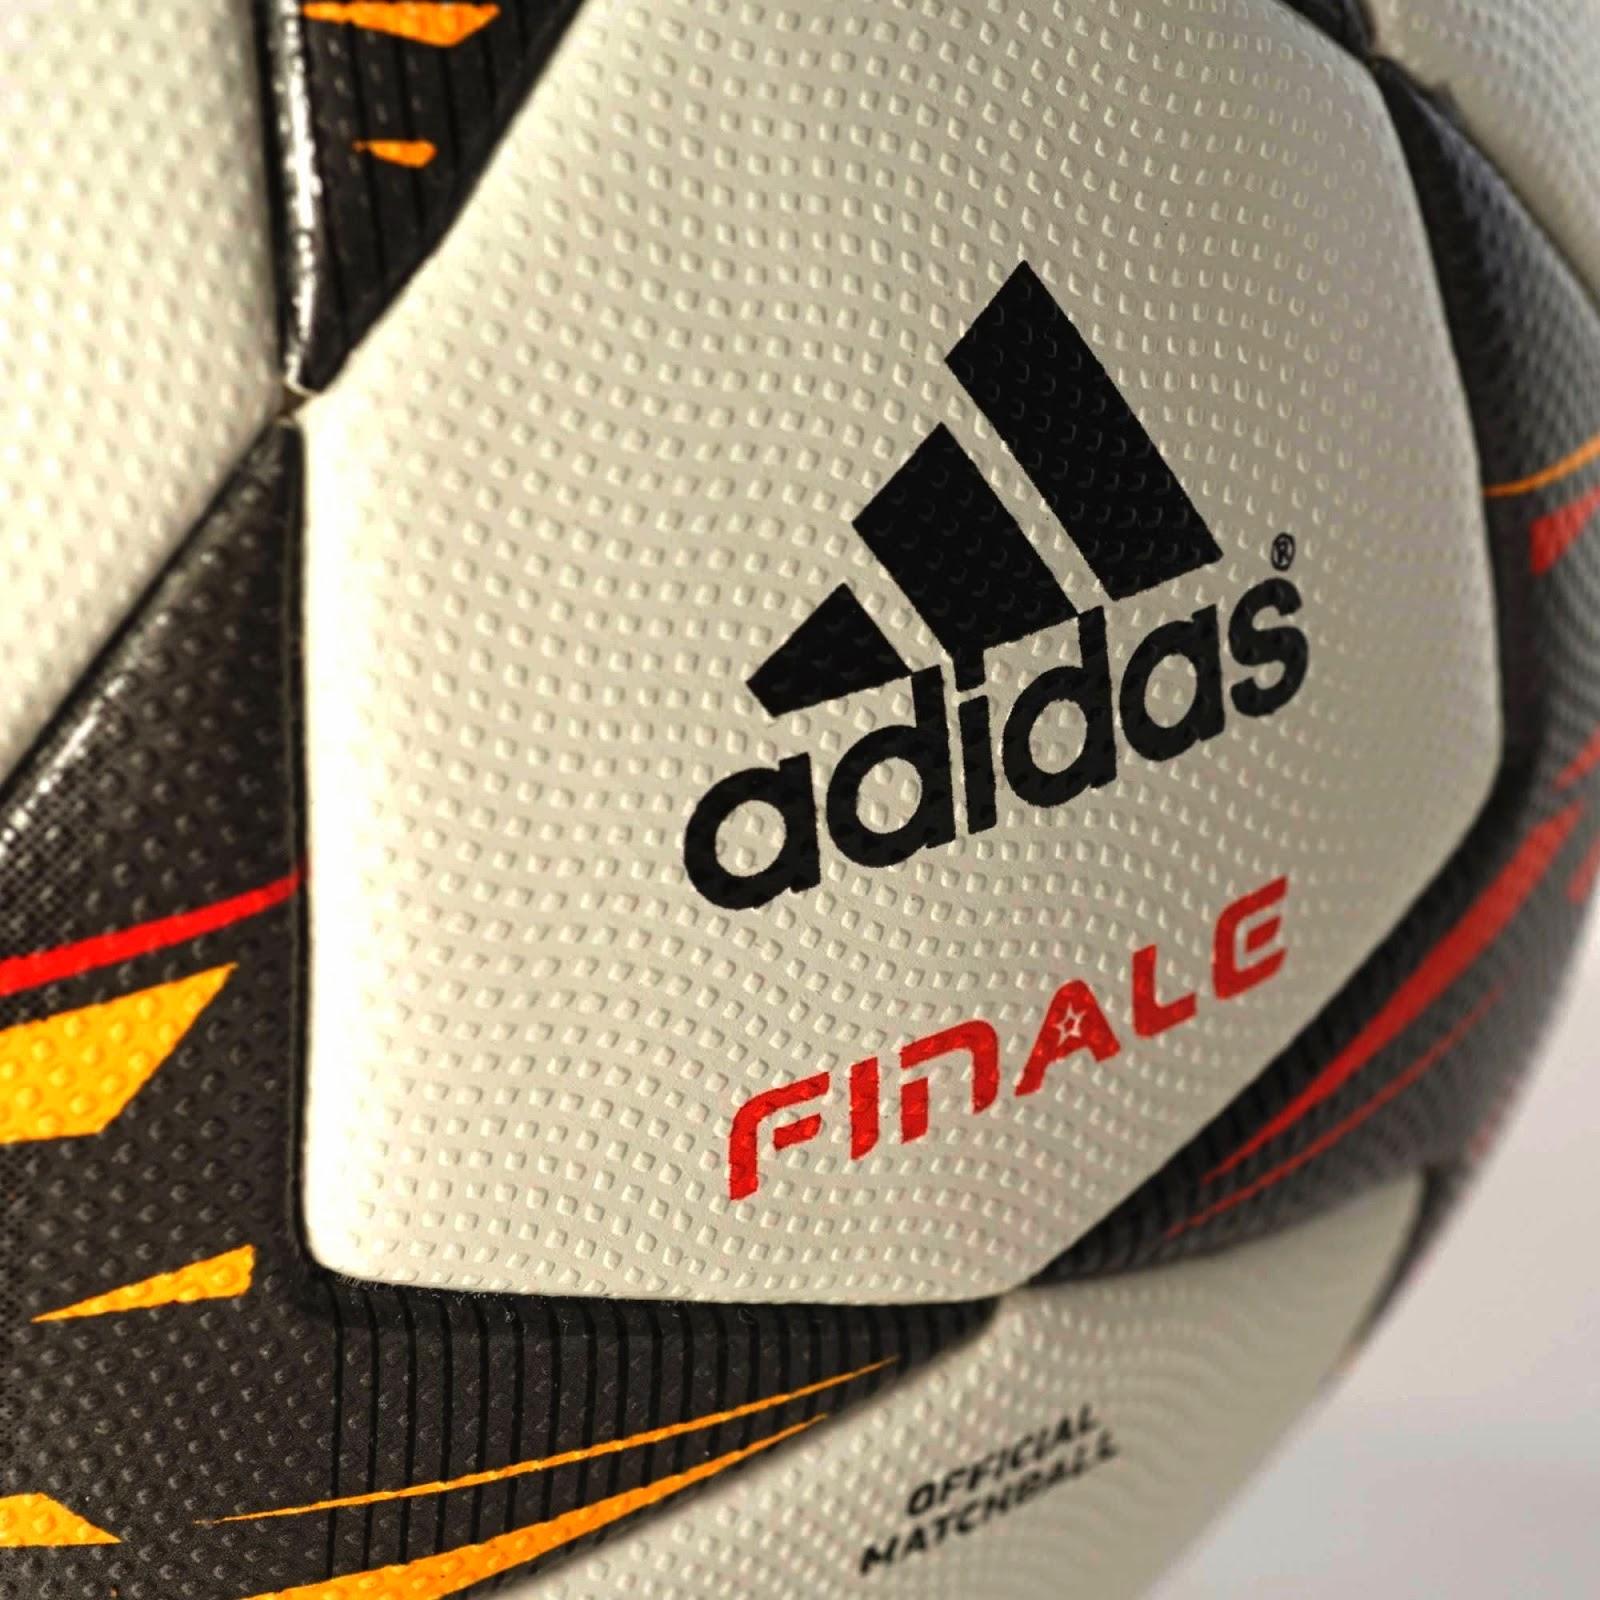 06e2478cfdae Мяч Adidas Finale стандартно белого цвета. По сравнению с мячем сезона  13 14 годов, основным отличием стала черная окраска